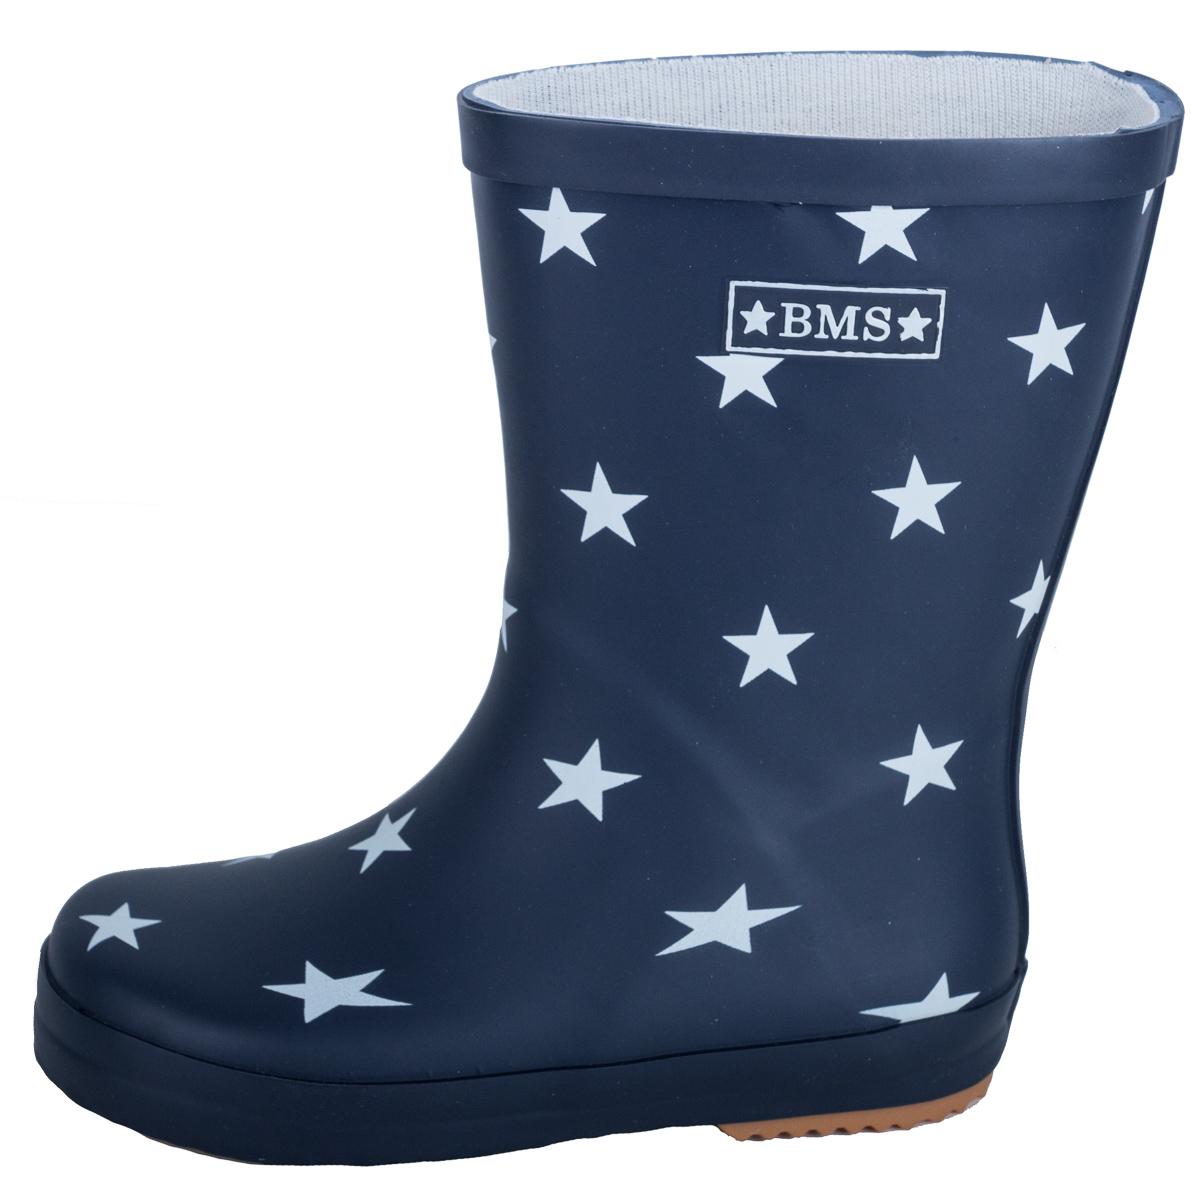 promo code ac318 5880a Gummistiefel in marine mit Sternen